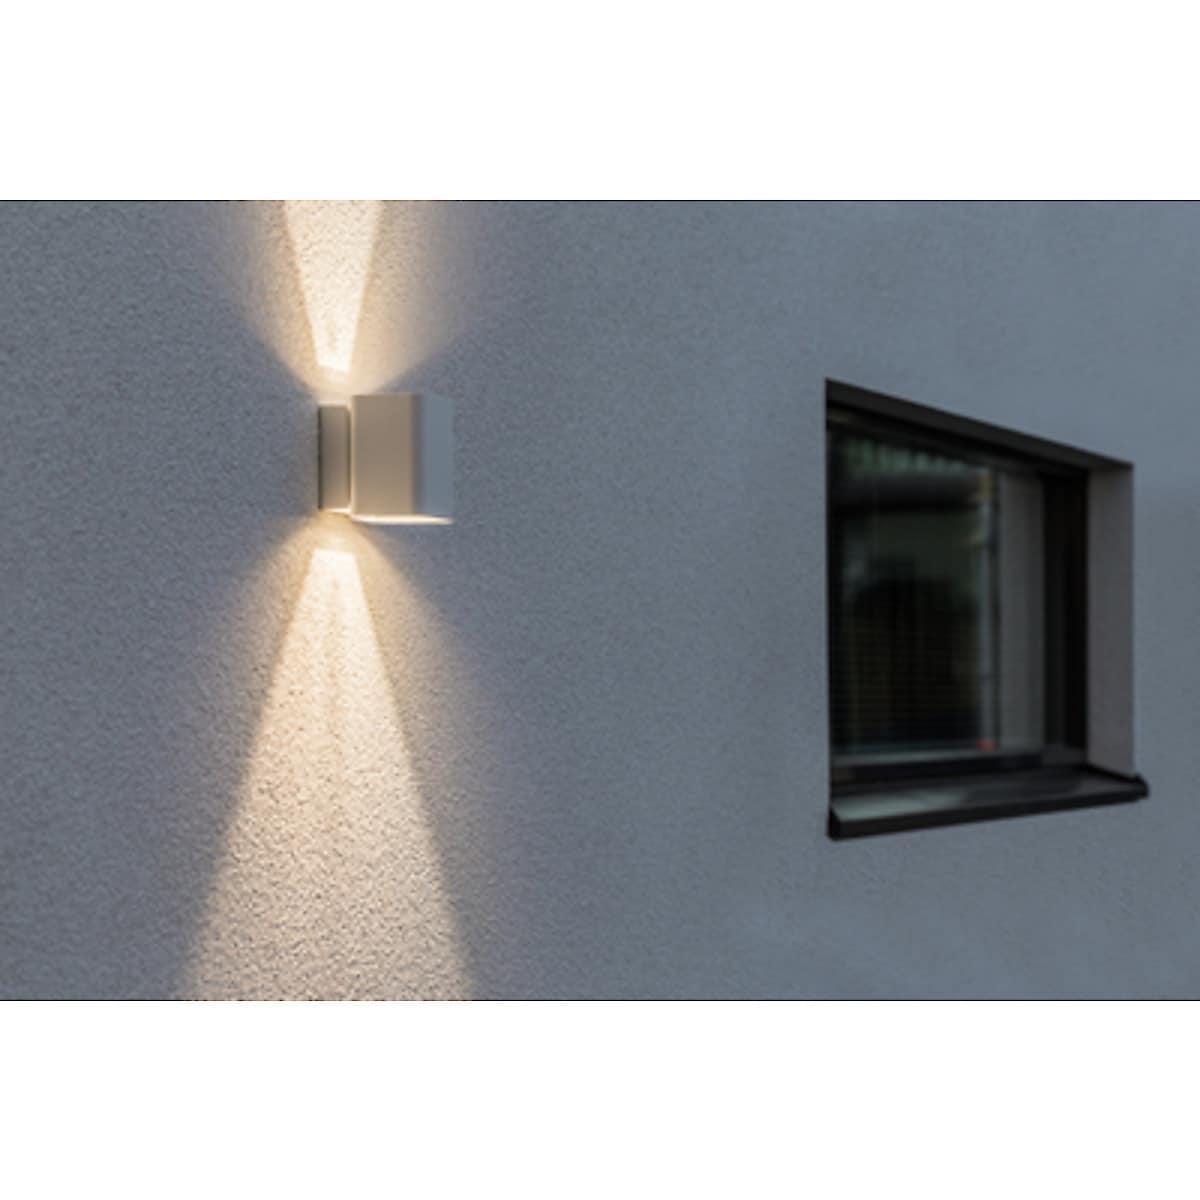 Seinäkohdevalaisin LED Näsby